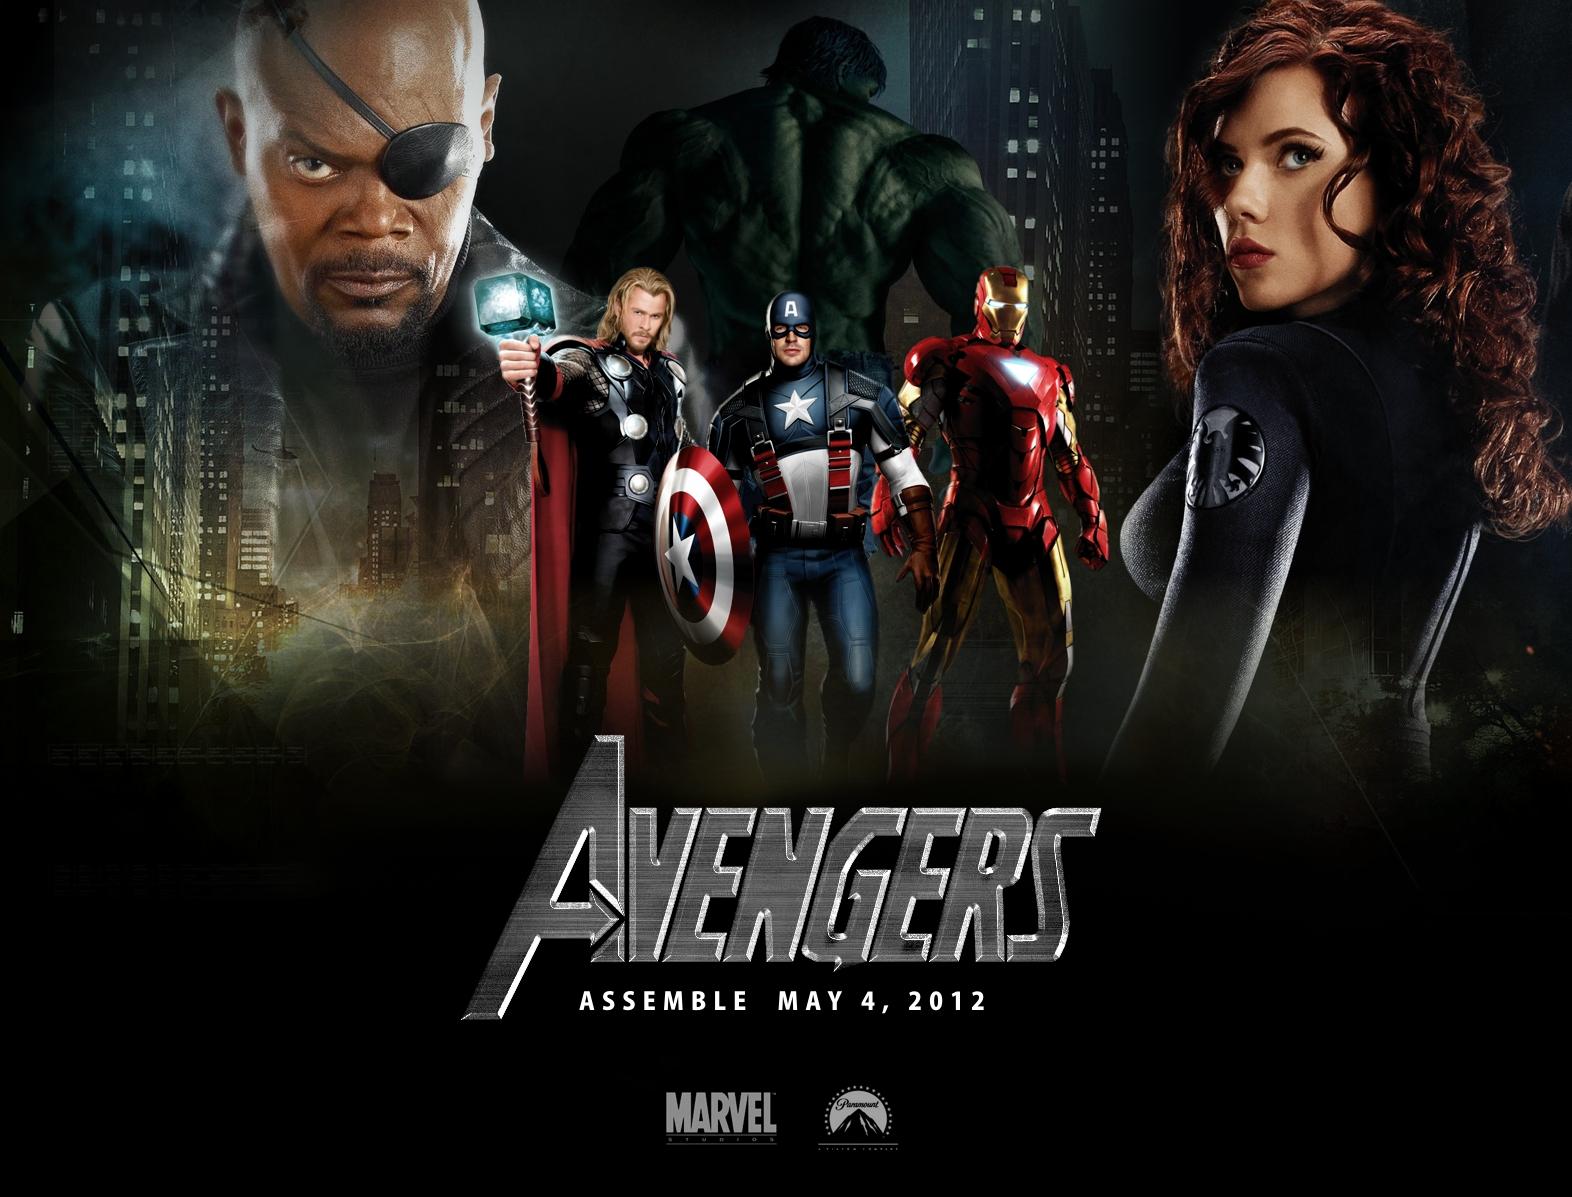 http://2.bp.blogspot.com/-Q3_uqEjCNHY/TpT2PhmiE-I/AAAAAAAAAA4/hXawuyTwS68/s1600/The-Avengers-2012-Official-Trailer1.jpg